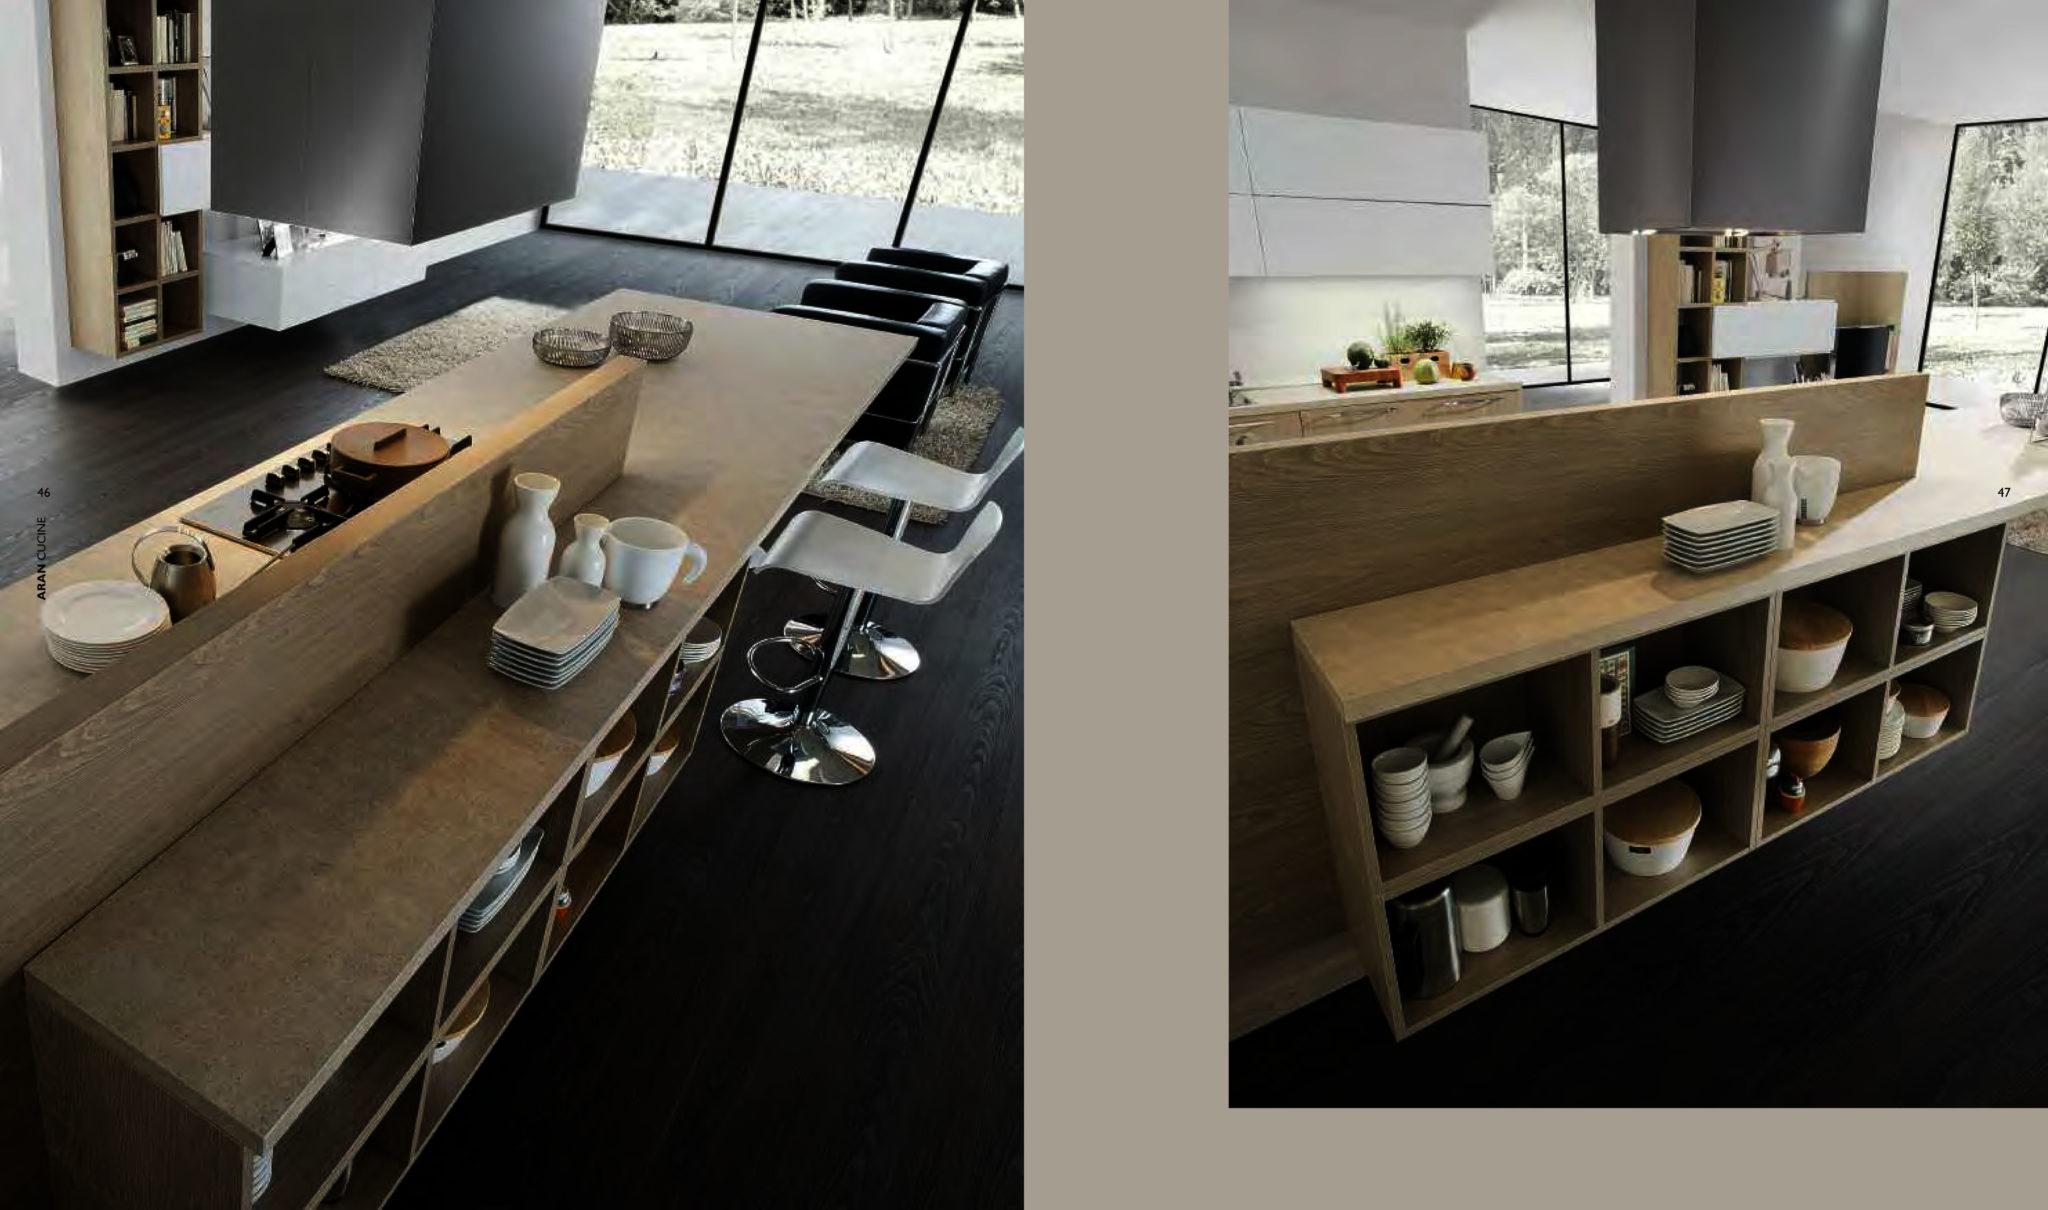 Foto Di Cucine Con Isola Centrale Ispirazioni Di Cucine